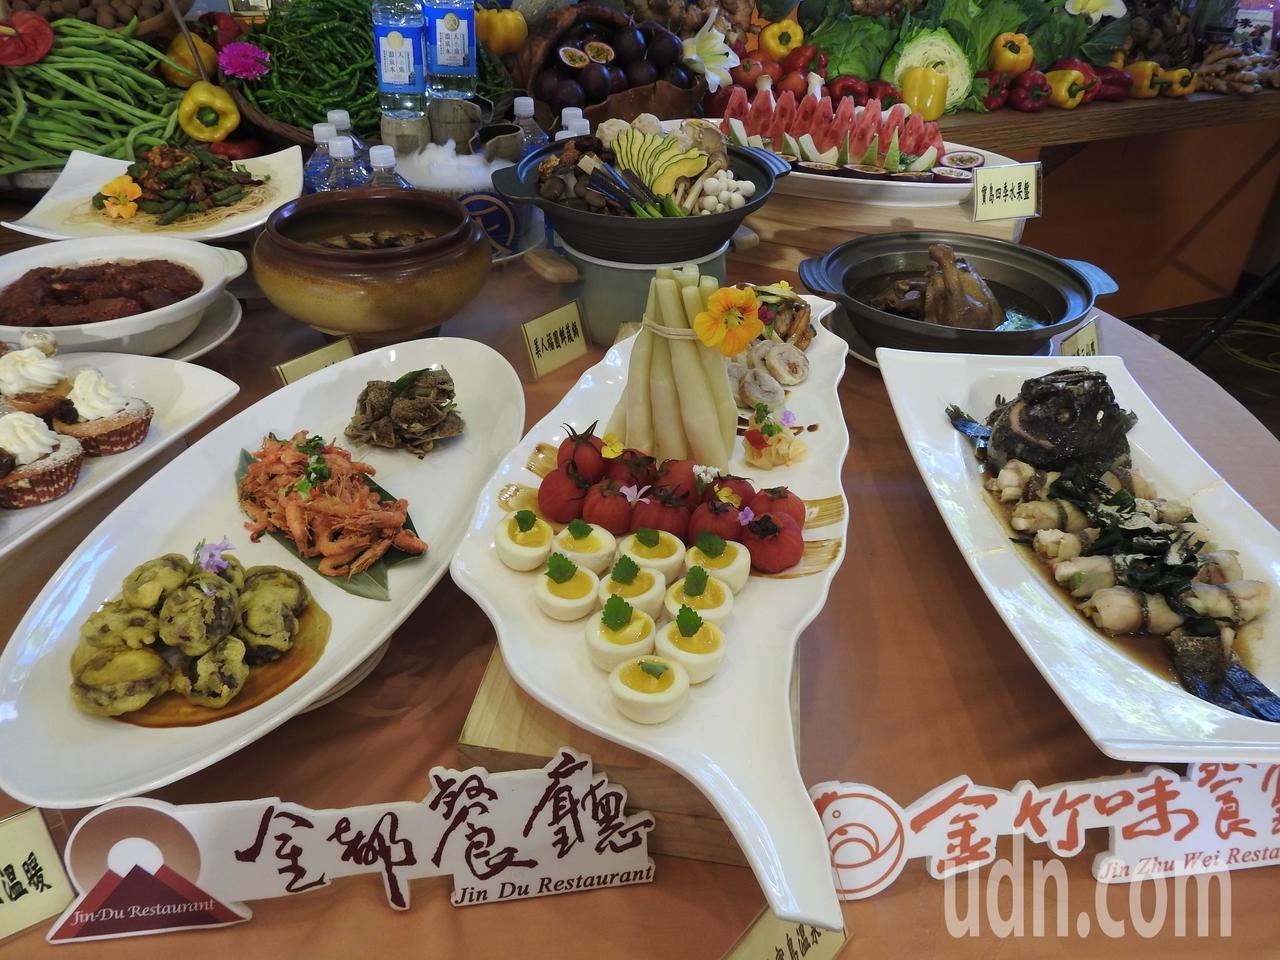 中華民國溫泉觀光協會以「中西合併」概念推出台灣溫泉宴,將提供食譜影音供各業者學習...